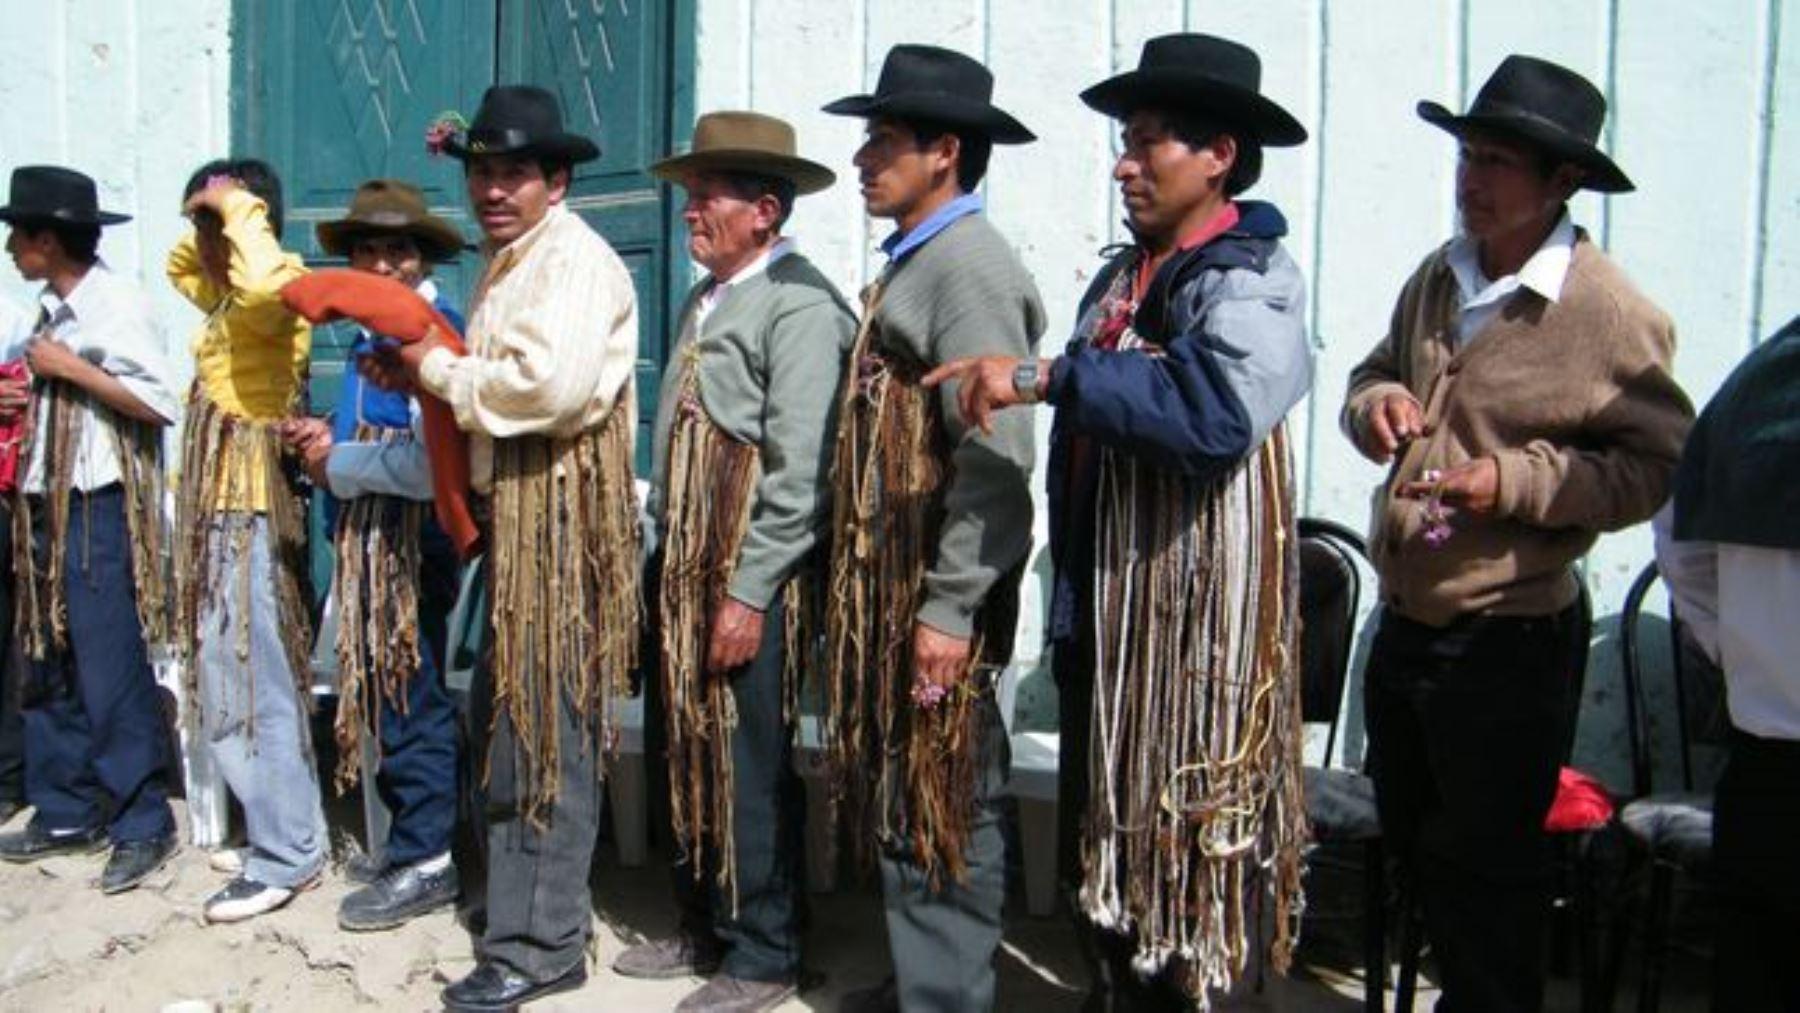 La ritualidad y uso social de los quipus en la comunidad campesina de San Andrés de Tupicocha, provincia de Huarochirí, departamento de Lima, fueron declarados Patrimonio Cultural de la Nación.